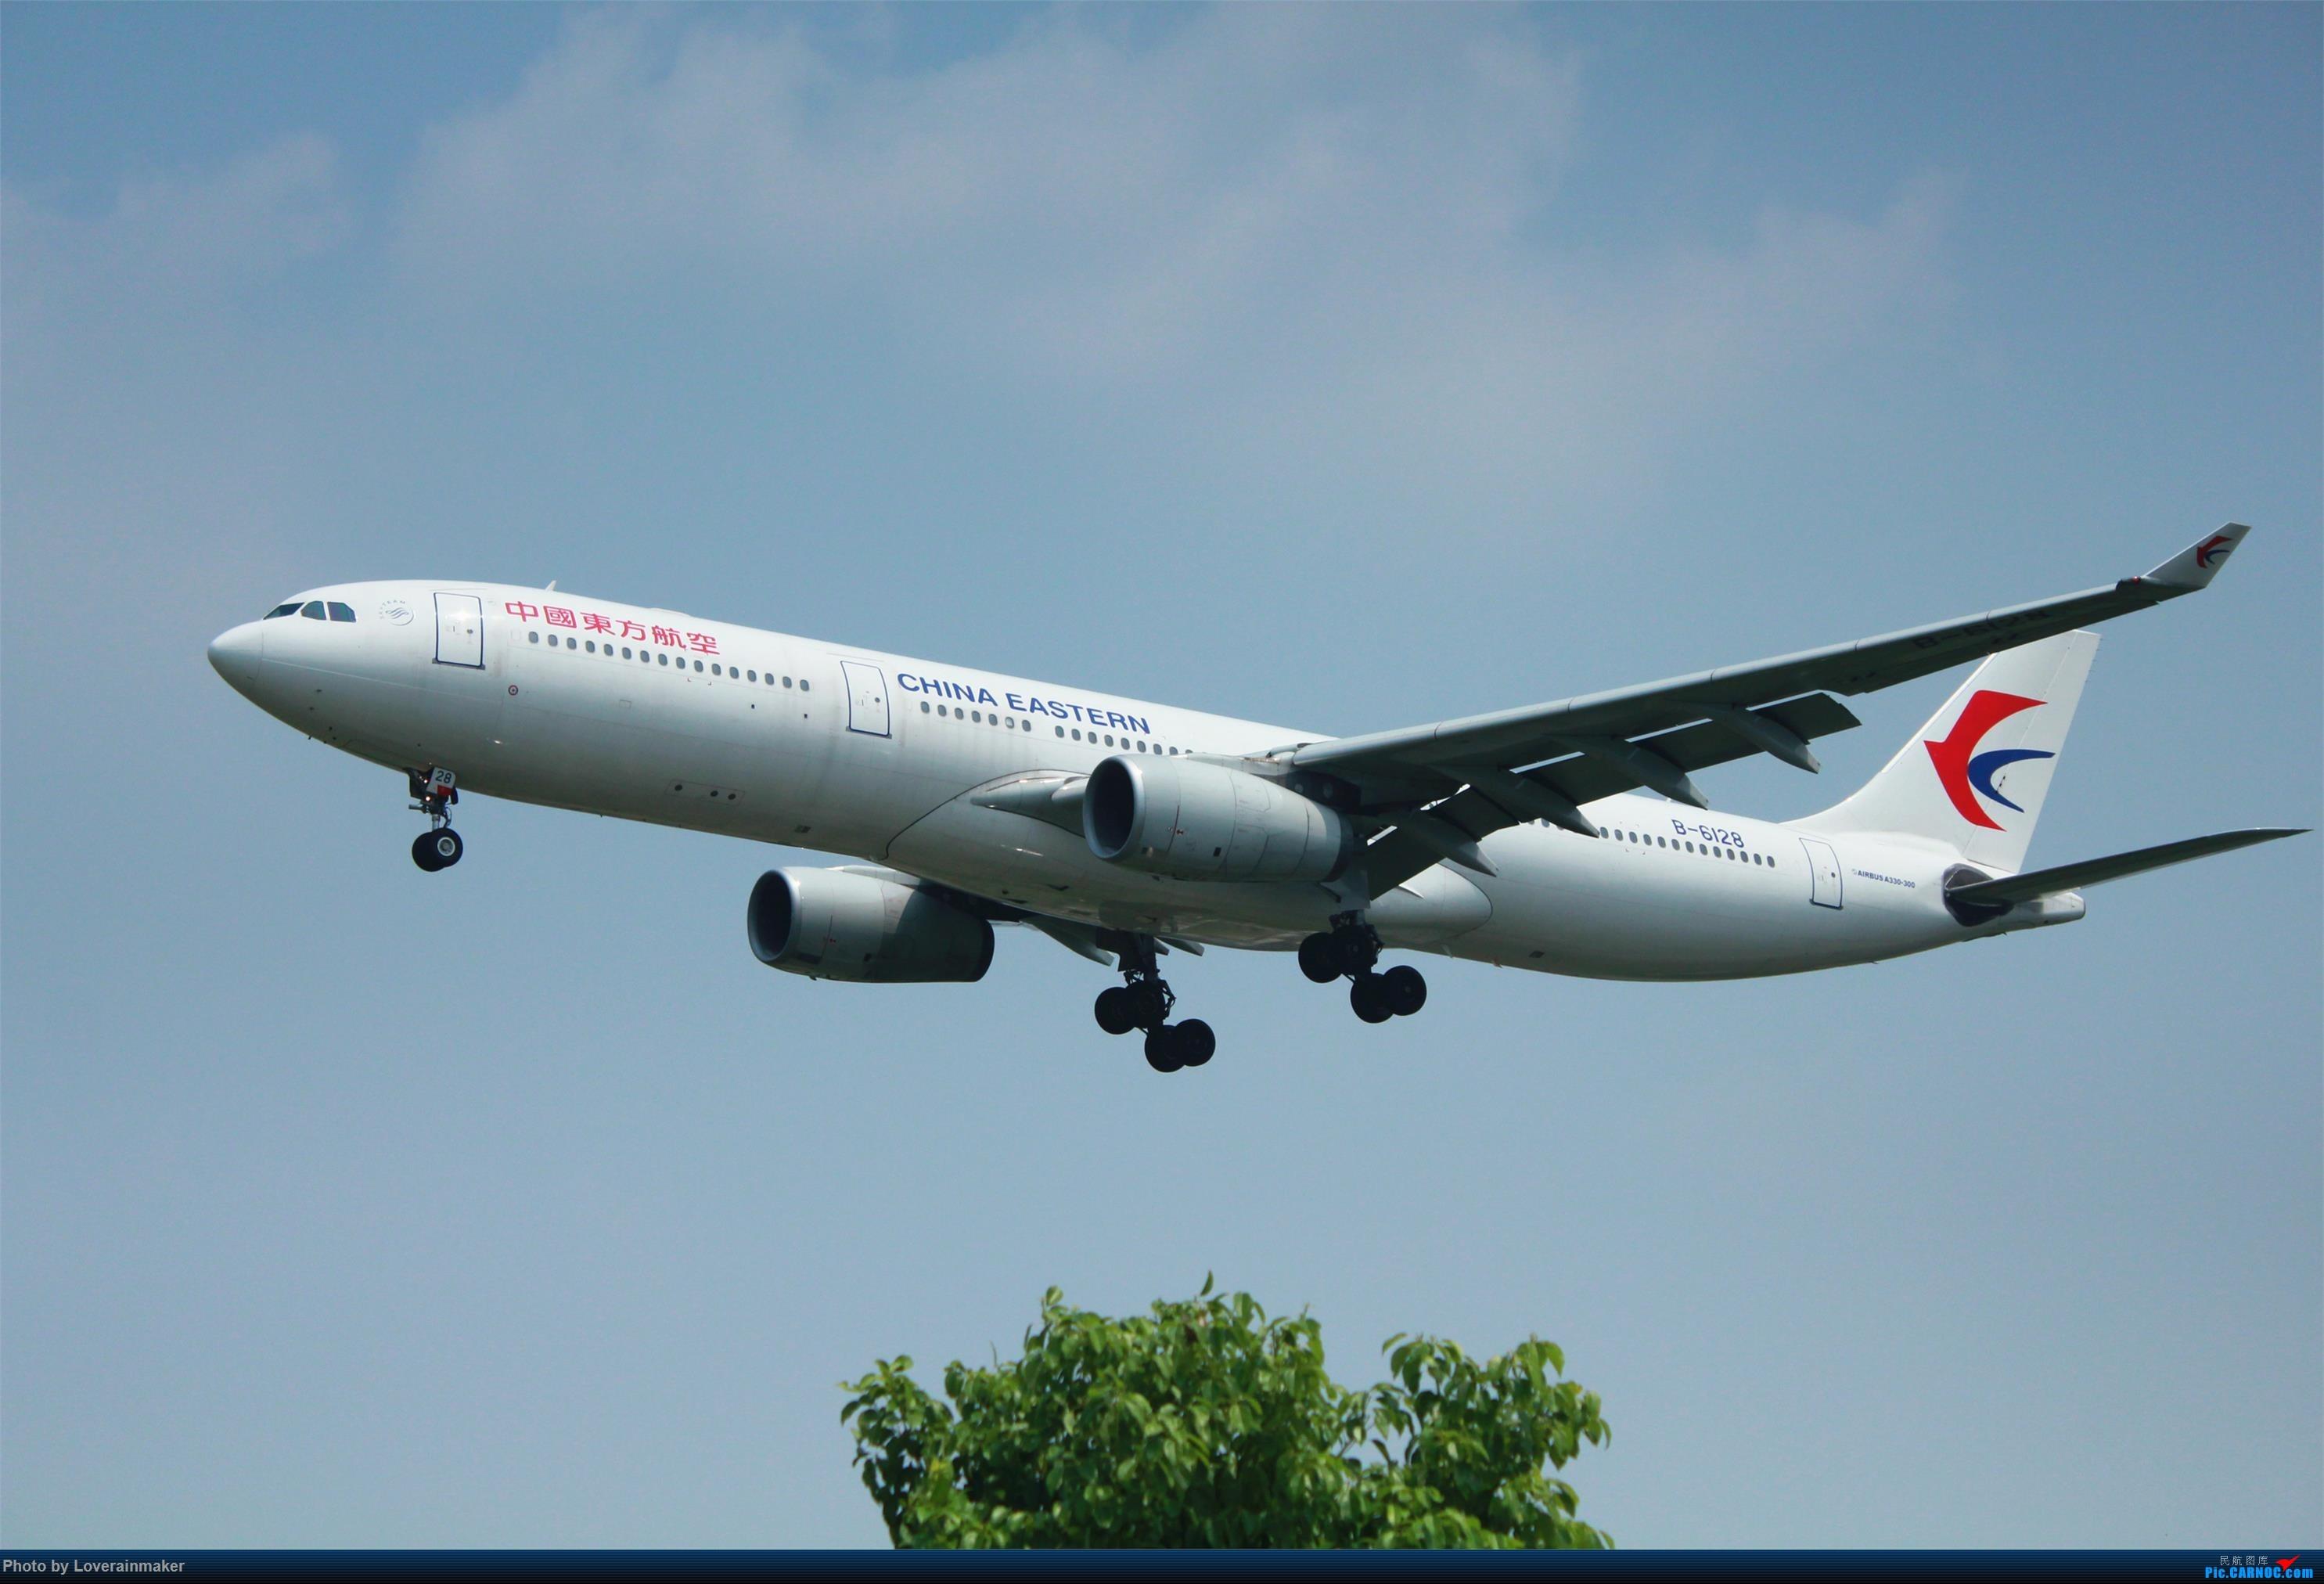 Re:HGH 杭州萧山国际机场 25 跑道头拍机 A330-300